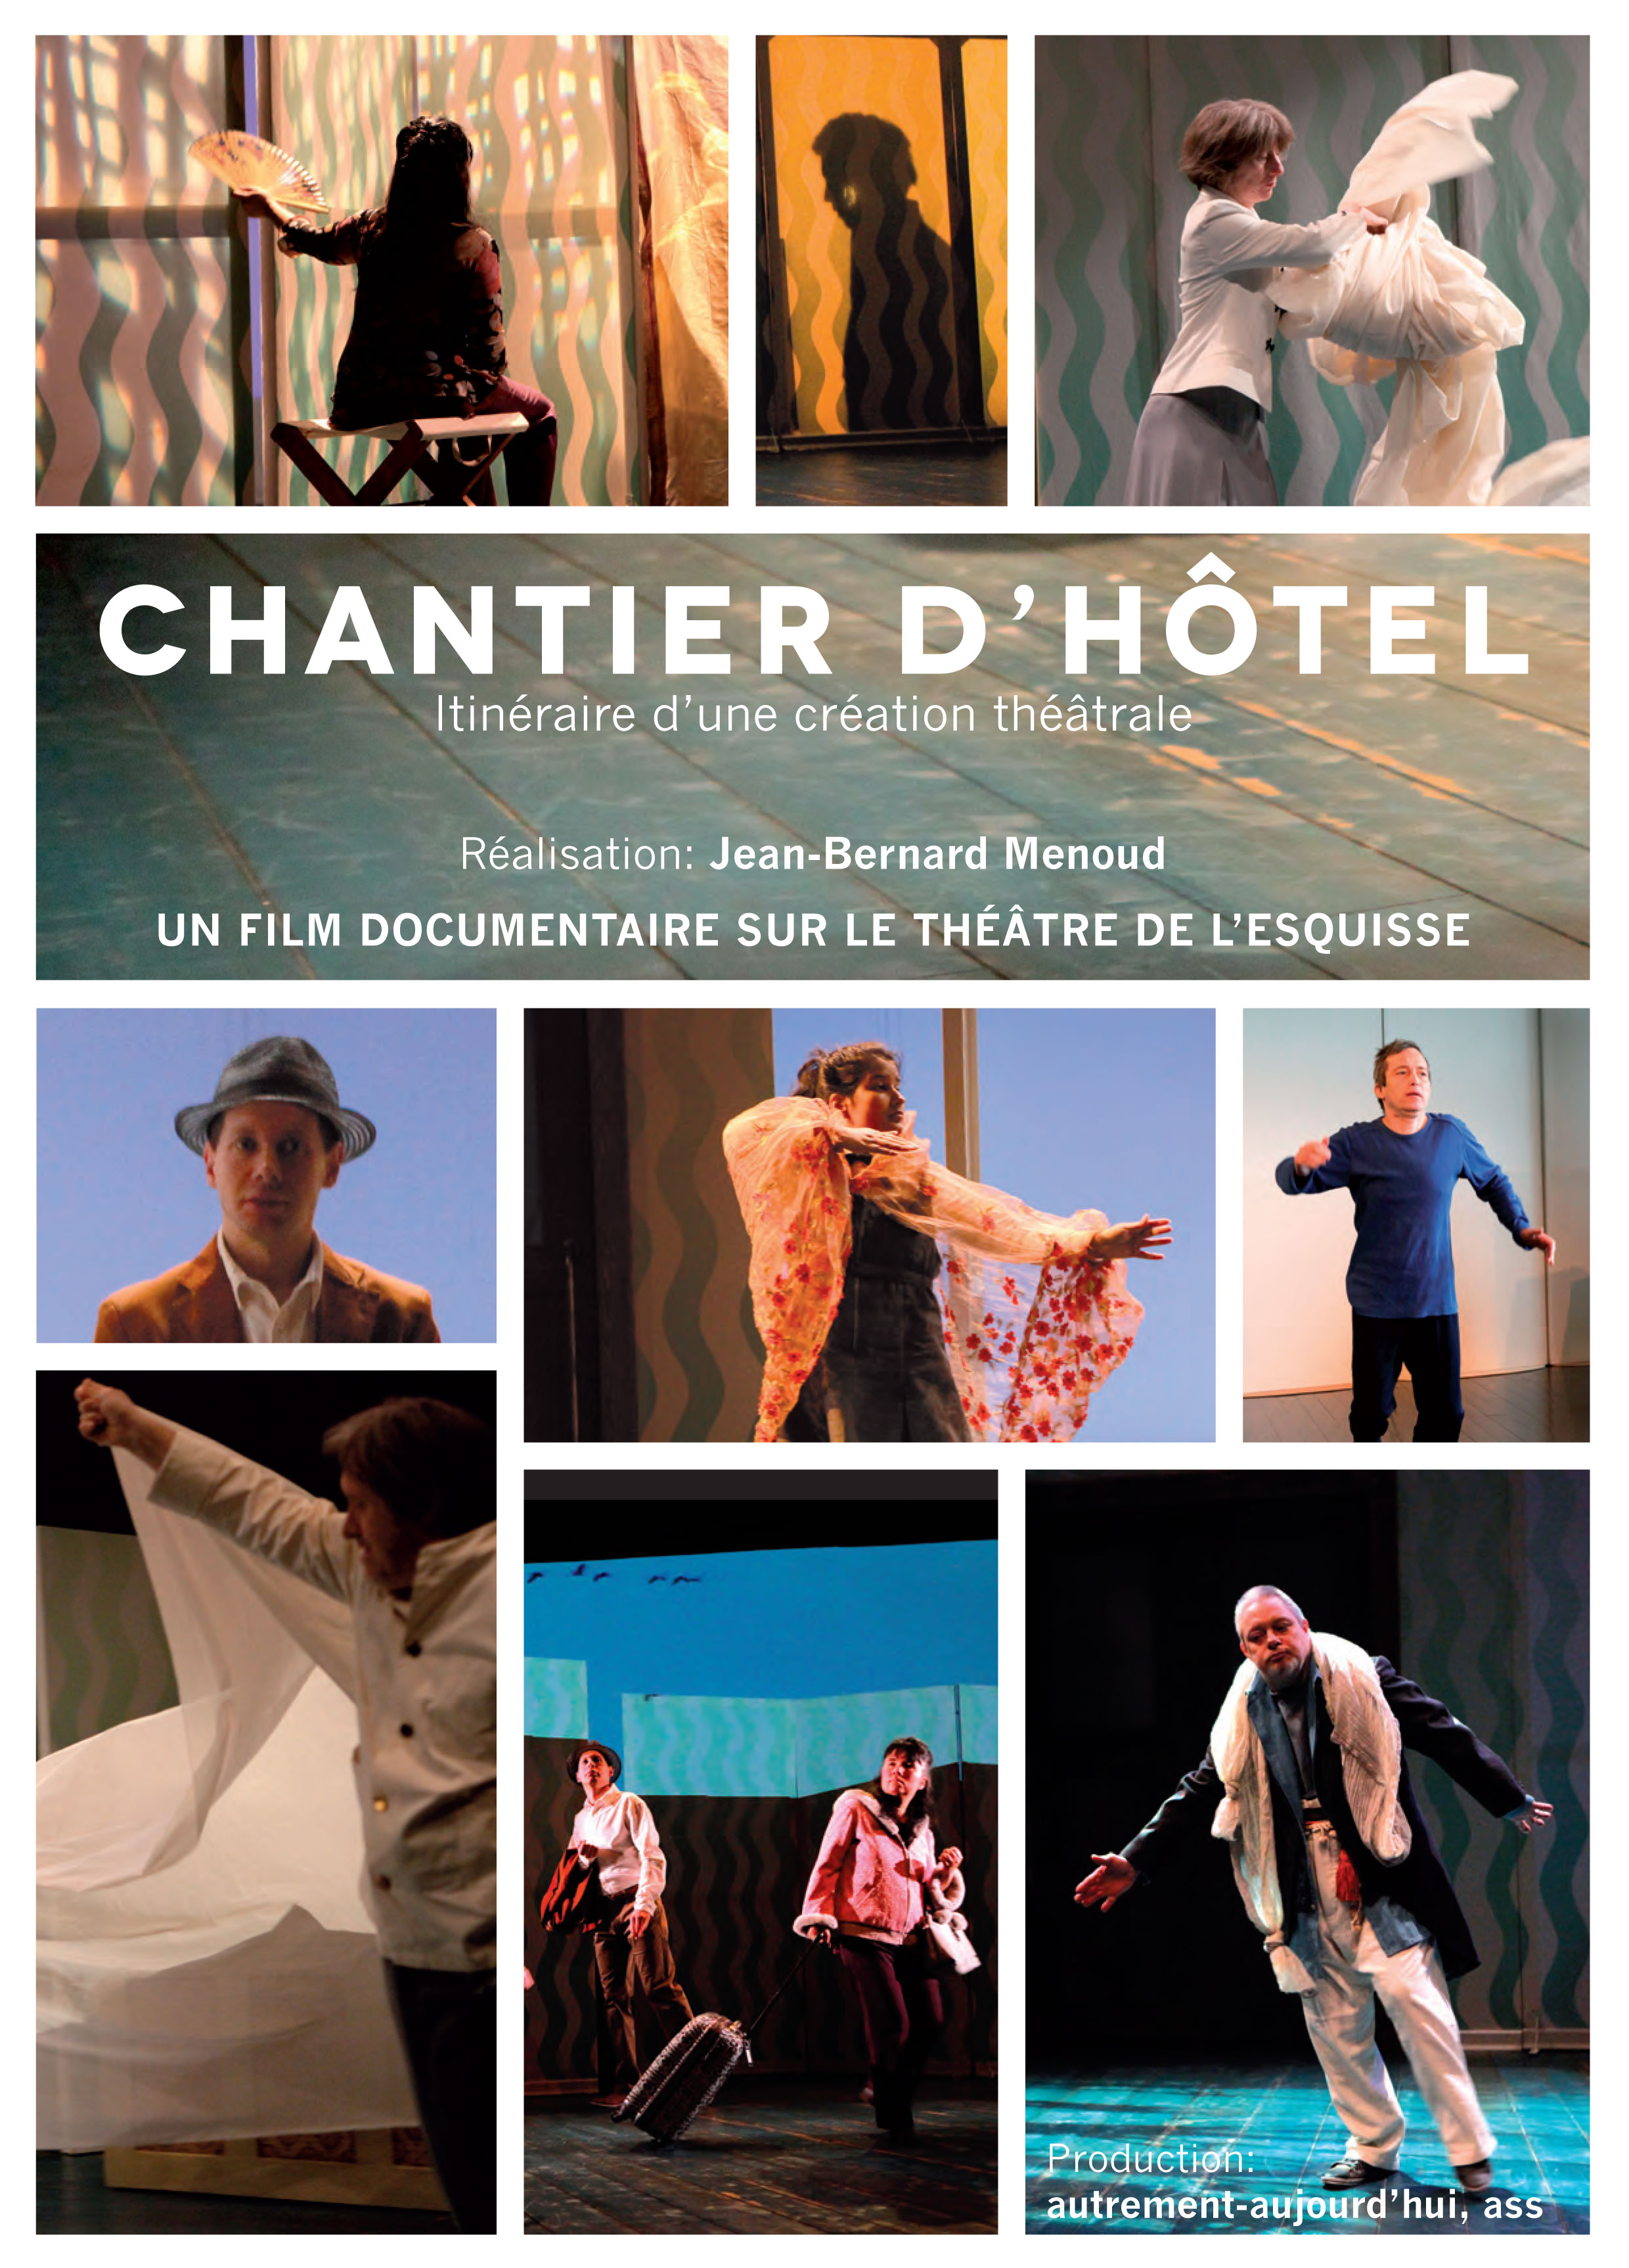 Chantier Hôtel, Flyer, Théâtre de l'Esquisse, Genève